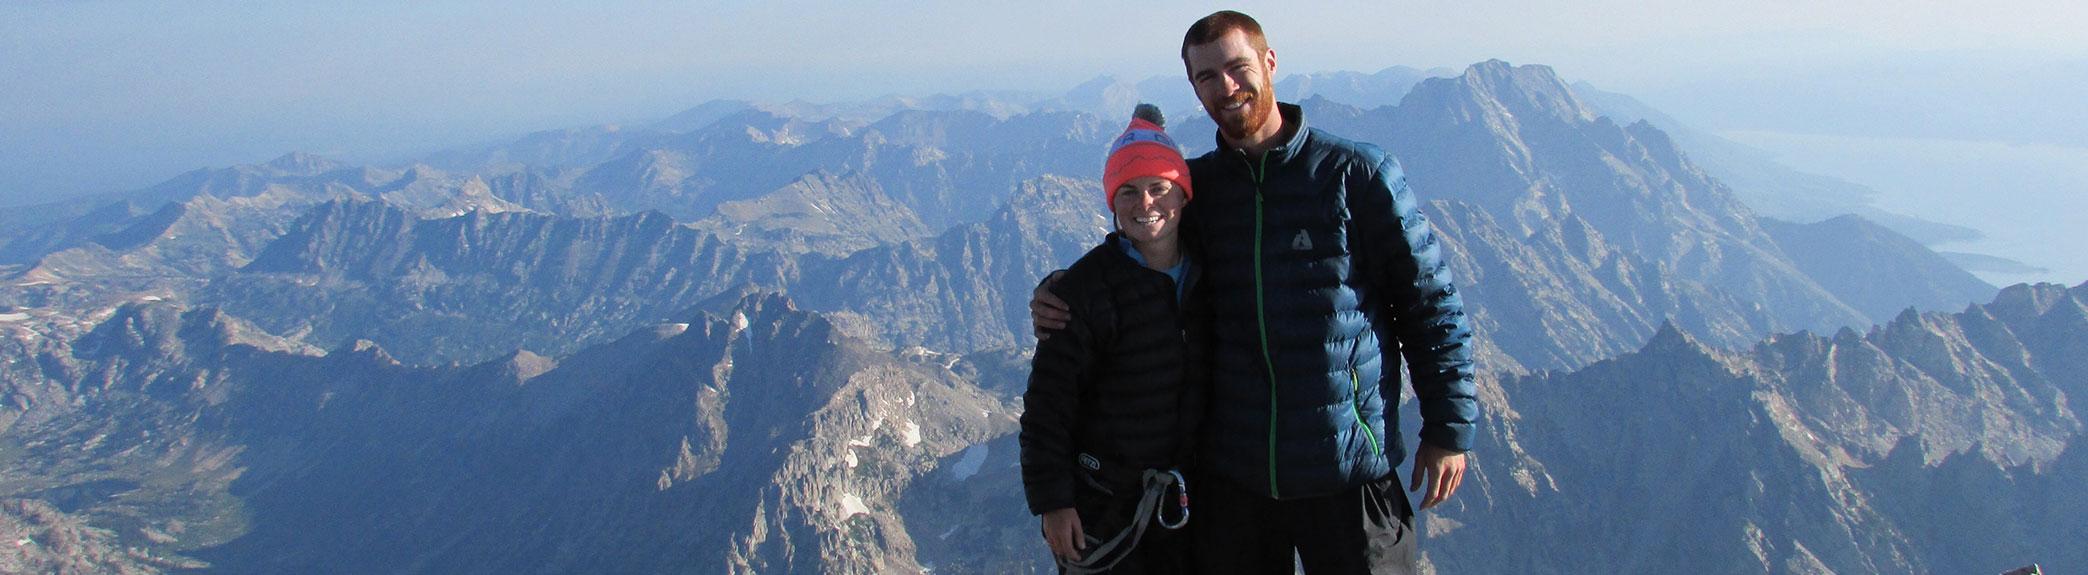 peak-mountain-height-ss